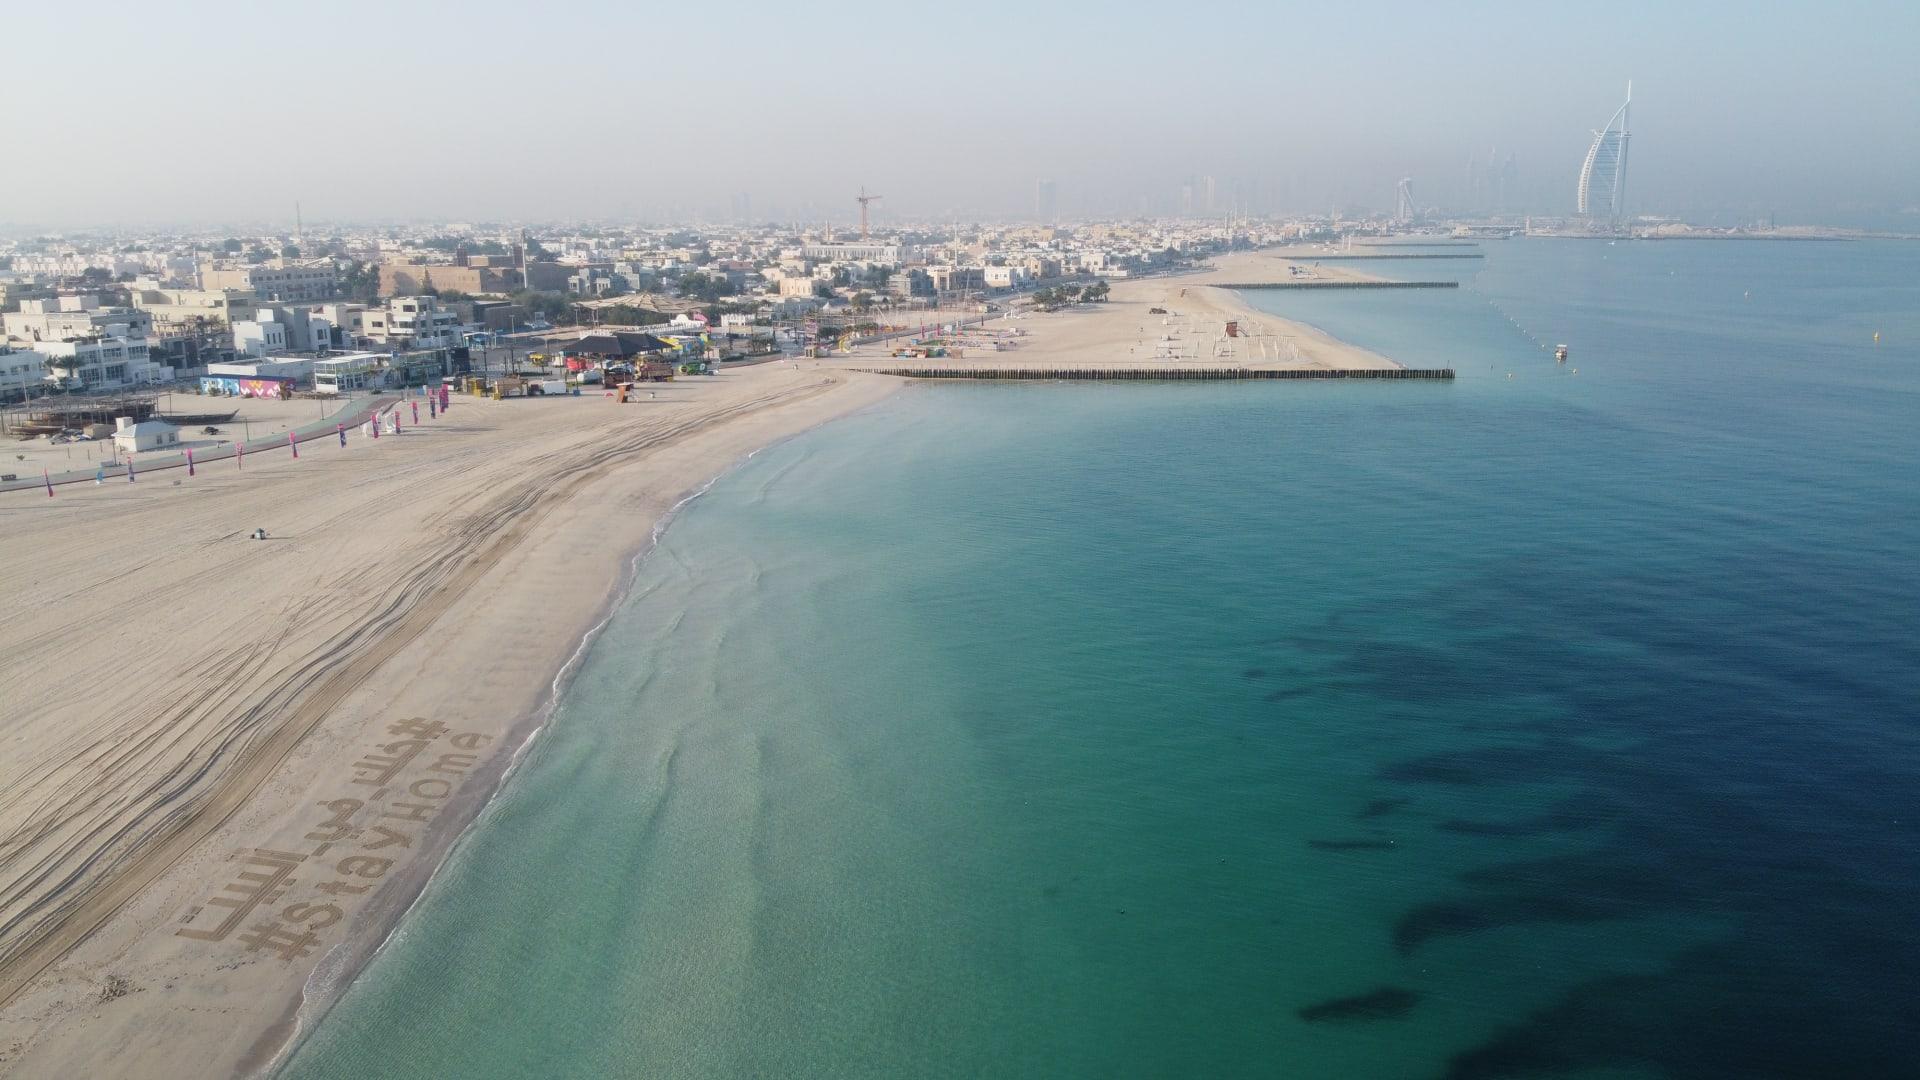 """عبارة """"خلك في البيت"""" تزين أحد شواطئ دبي"""